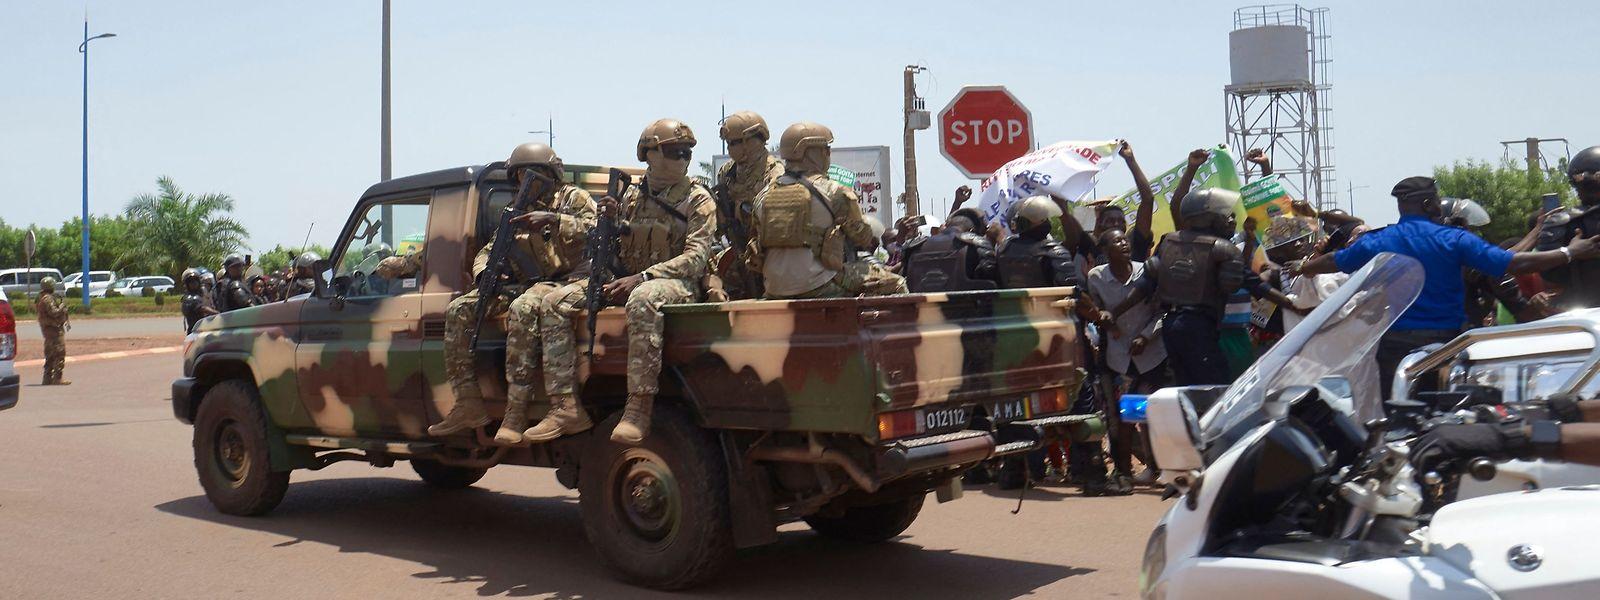 Die Lage in Mali hat sich nach dem Putsch noch nicht beruhigt.